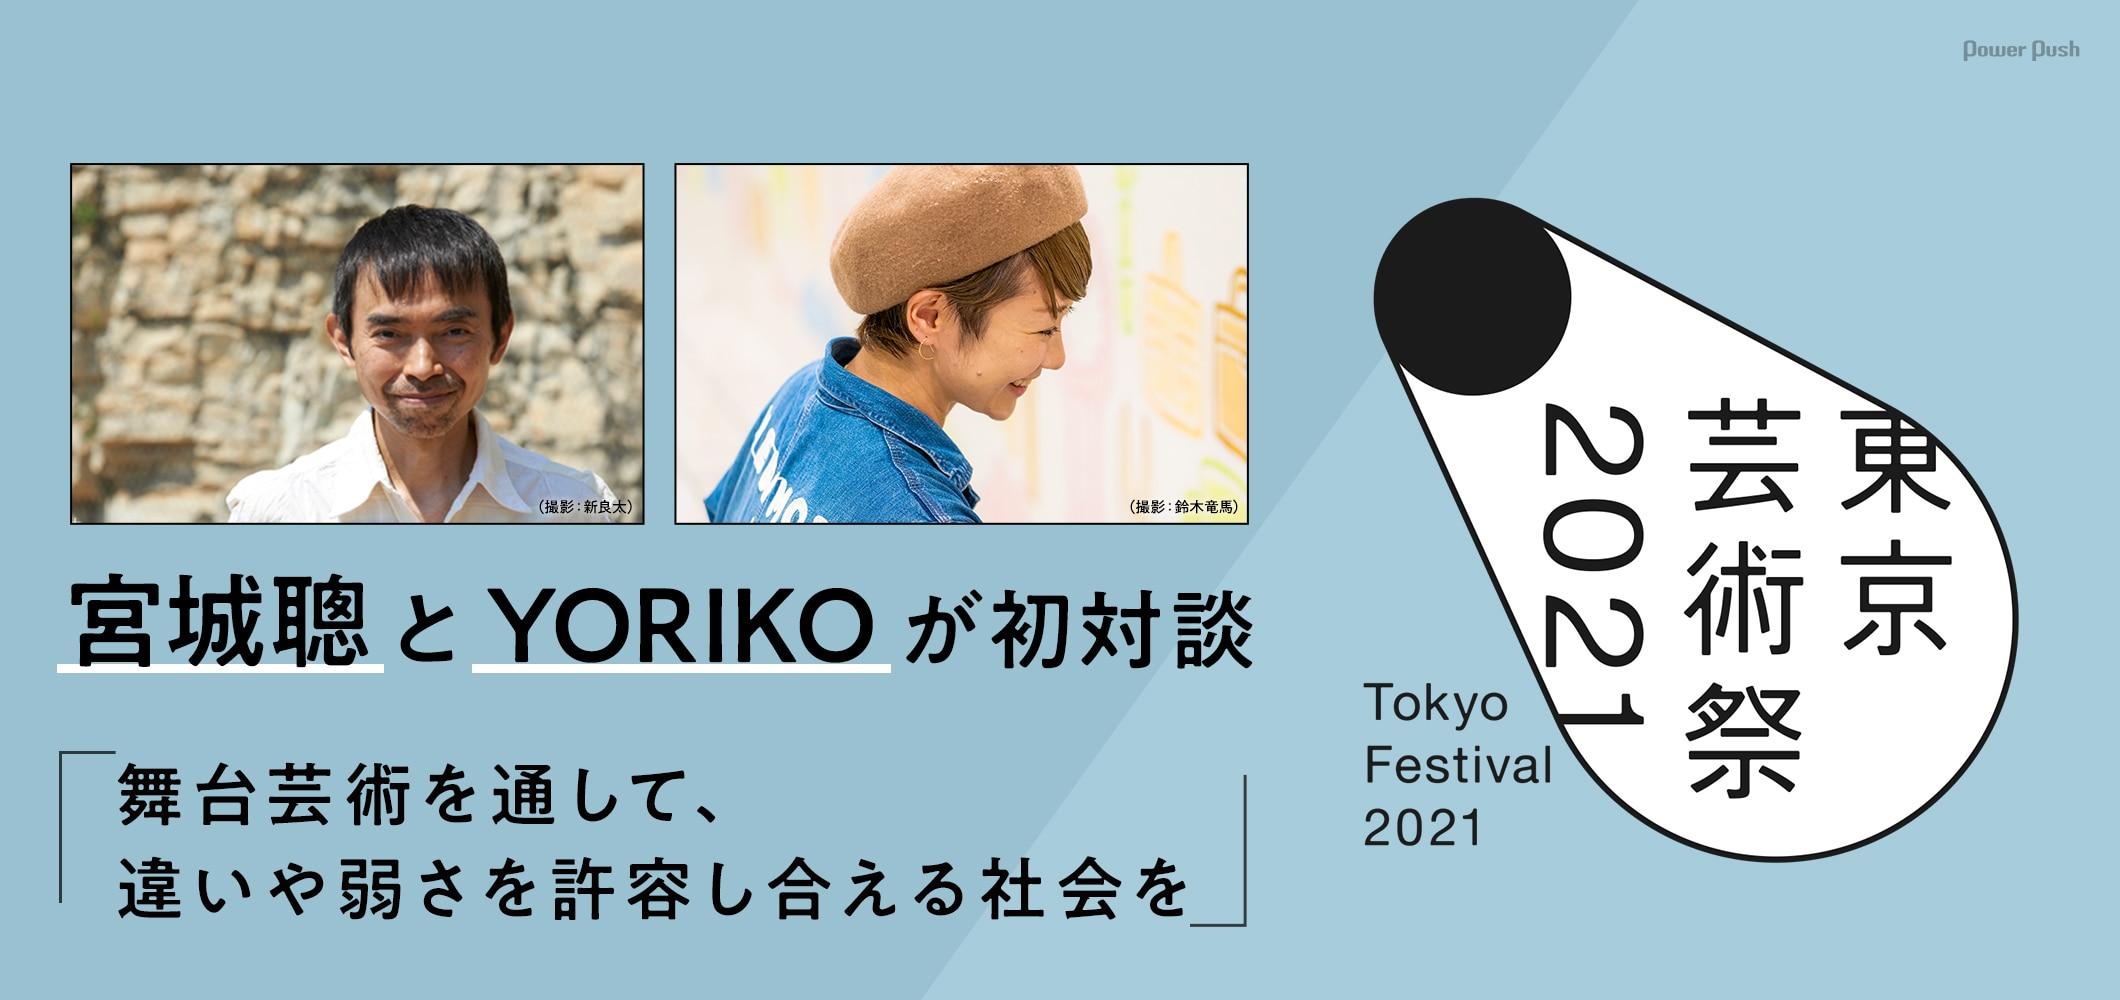 「東京芸術祭2021」 宮城聰とYORIKOが初対談「舞台芸術を通して、違いや弱さを許容し合える社会を」